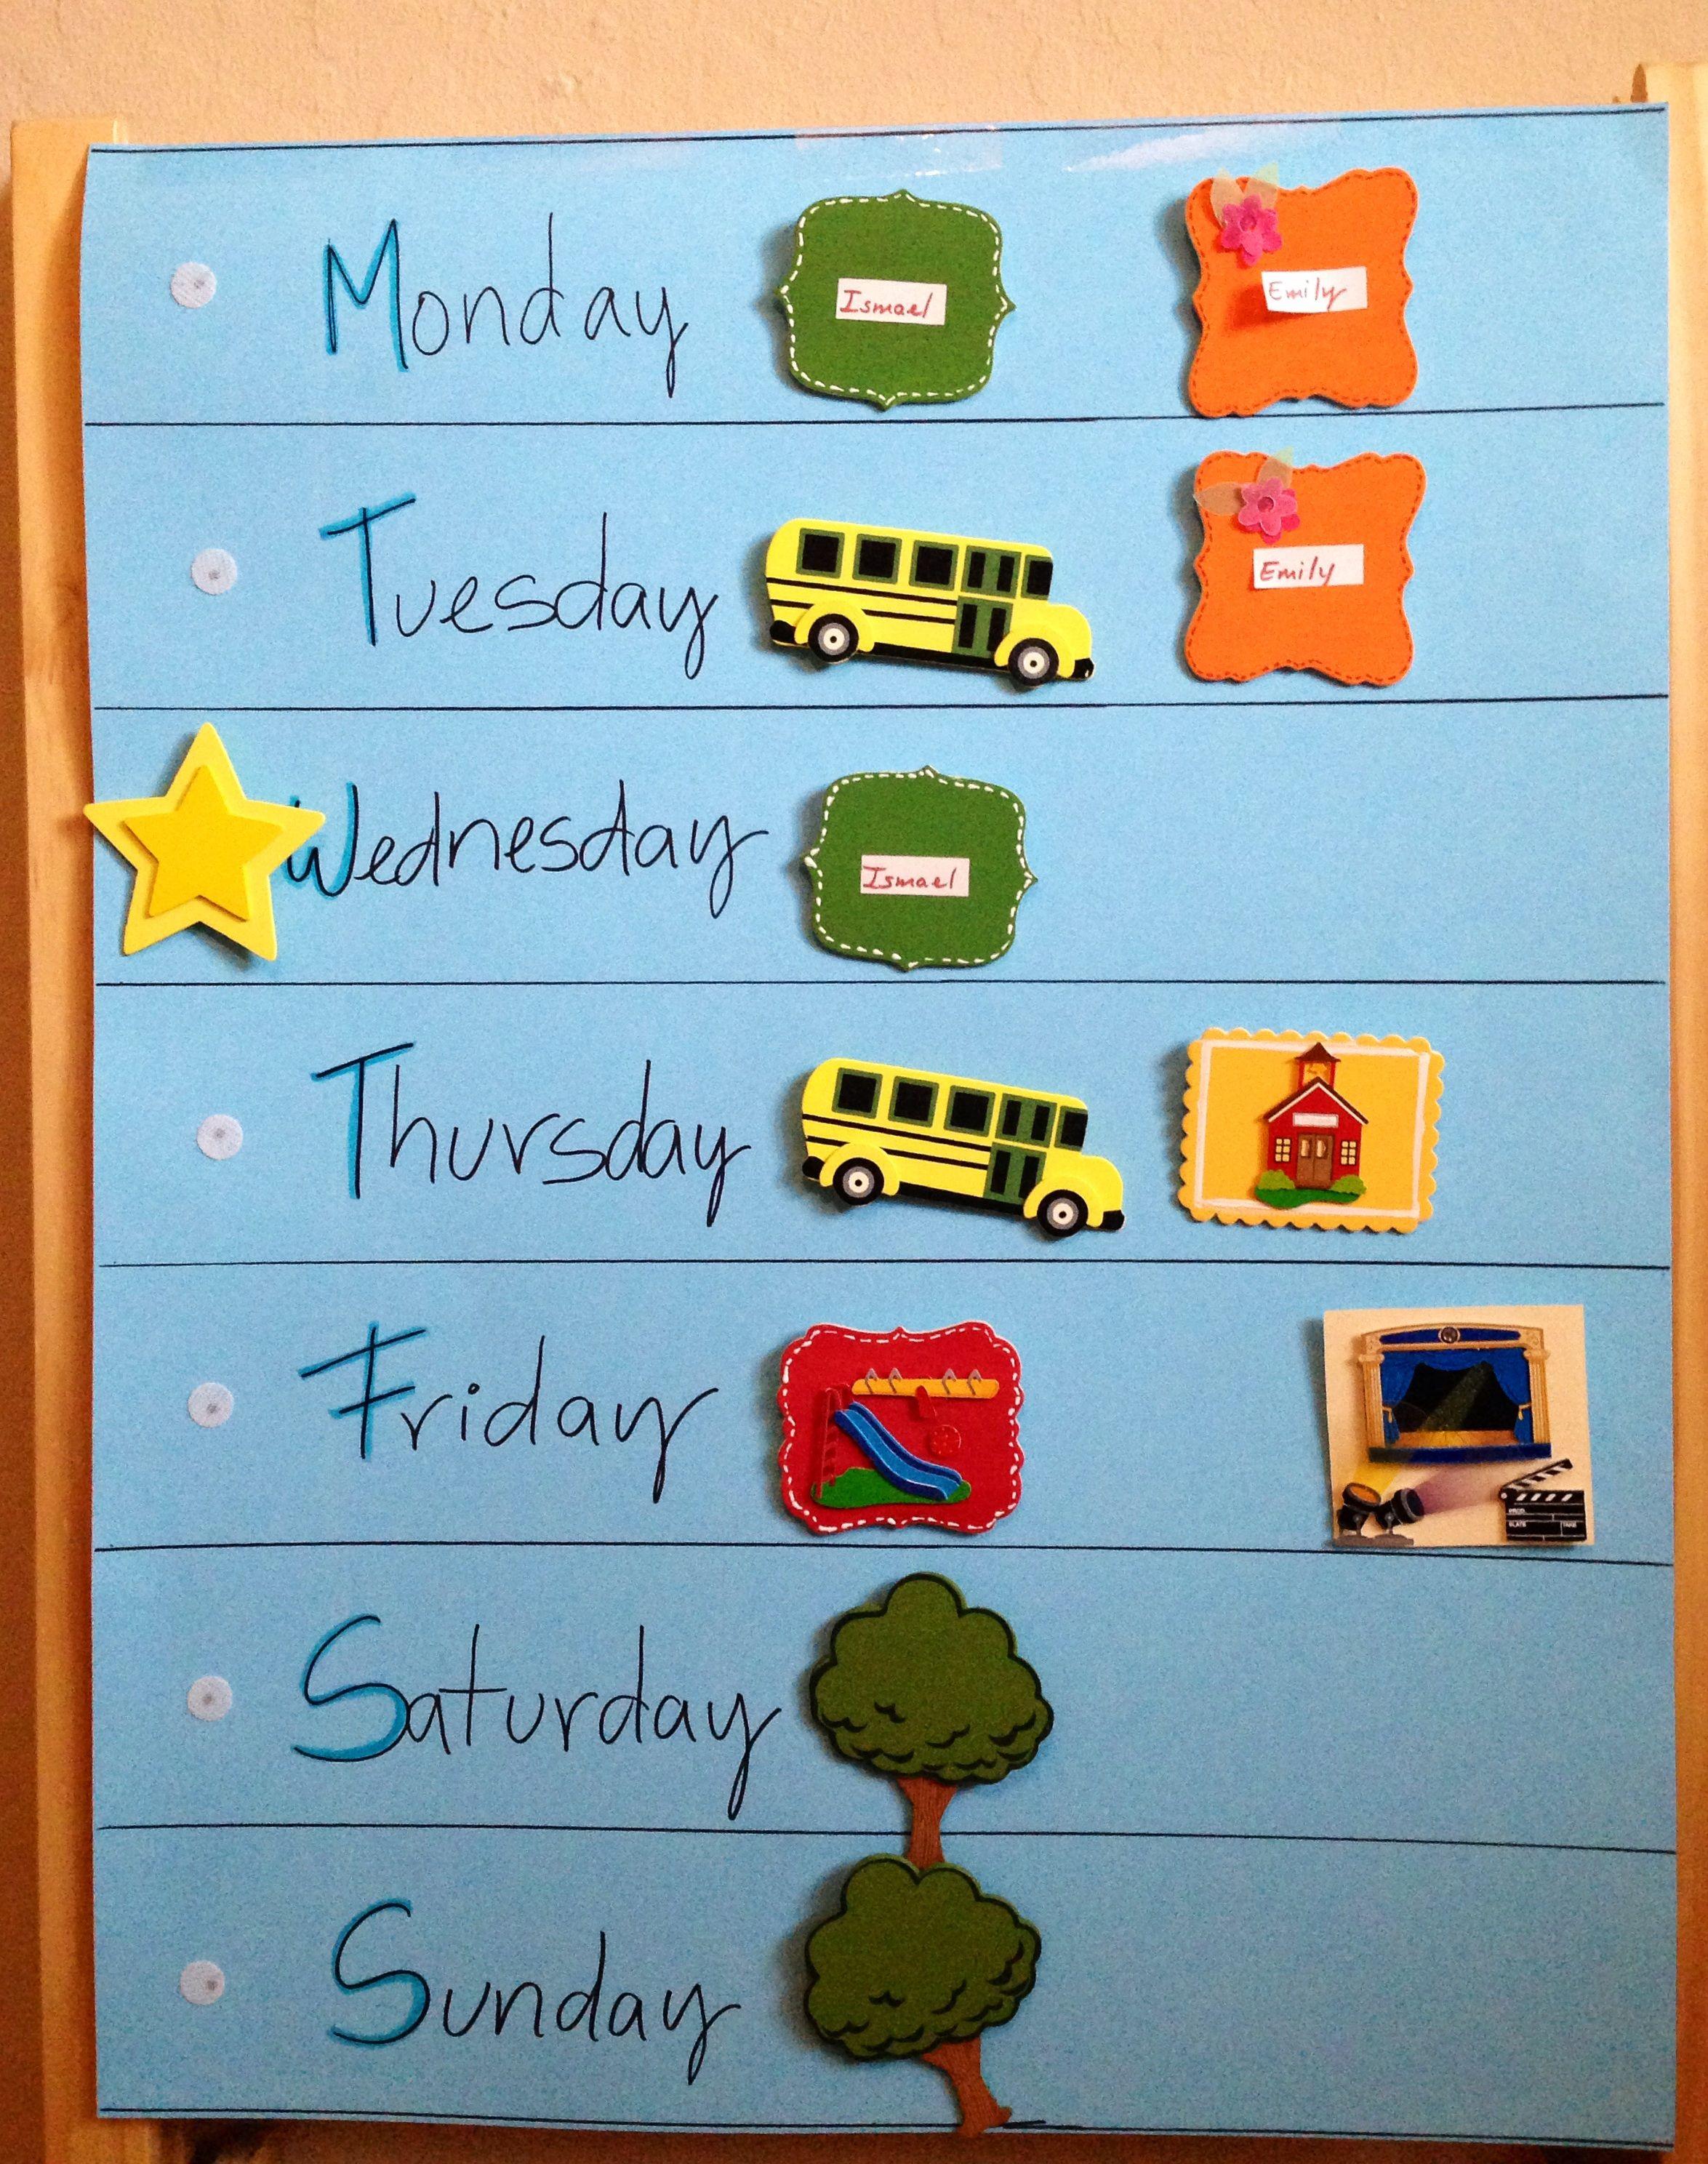 Calendar Ideas Kids : Weekly calendar for kids tommy activities pinterest